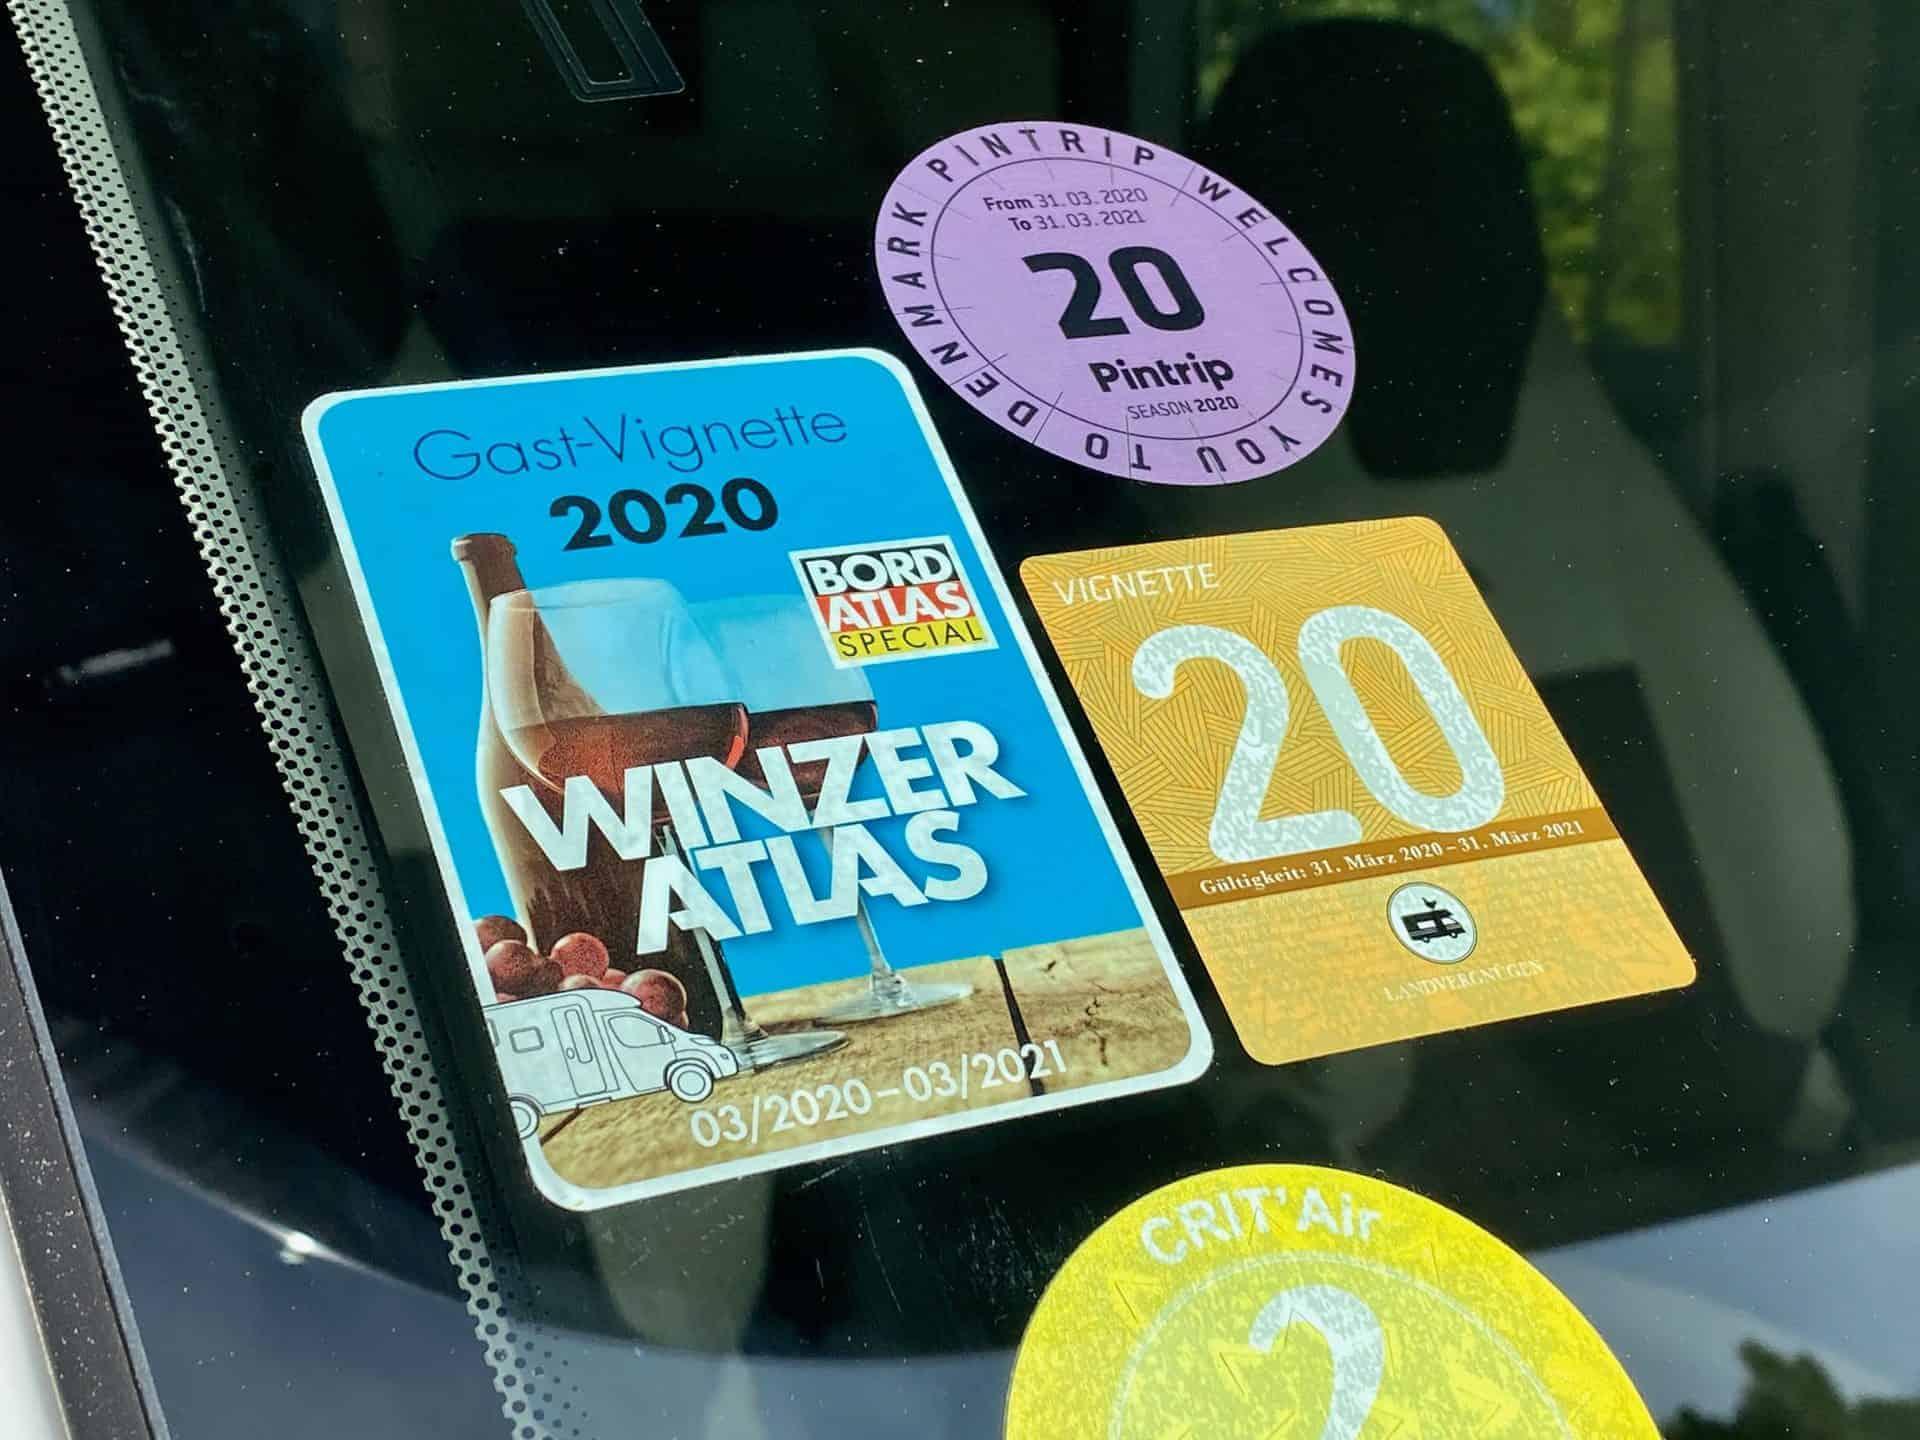 Vignette_Winzer_Atlas_2020_Landvergnügen_2020_Pintrip_2020